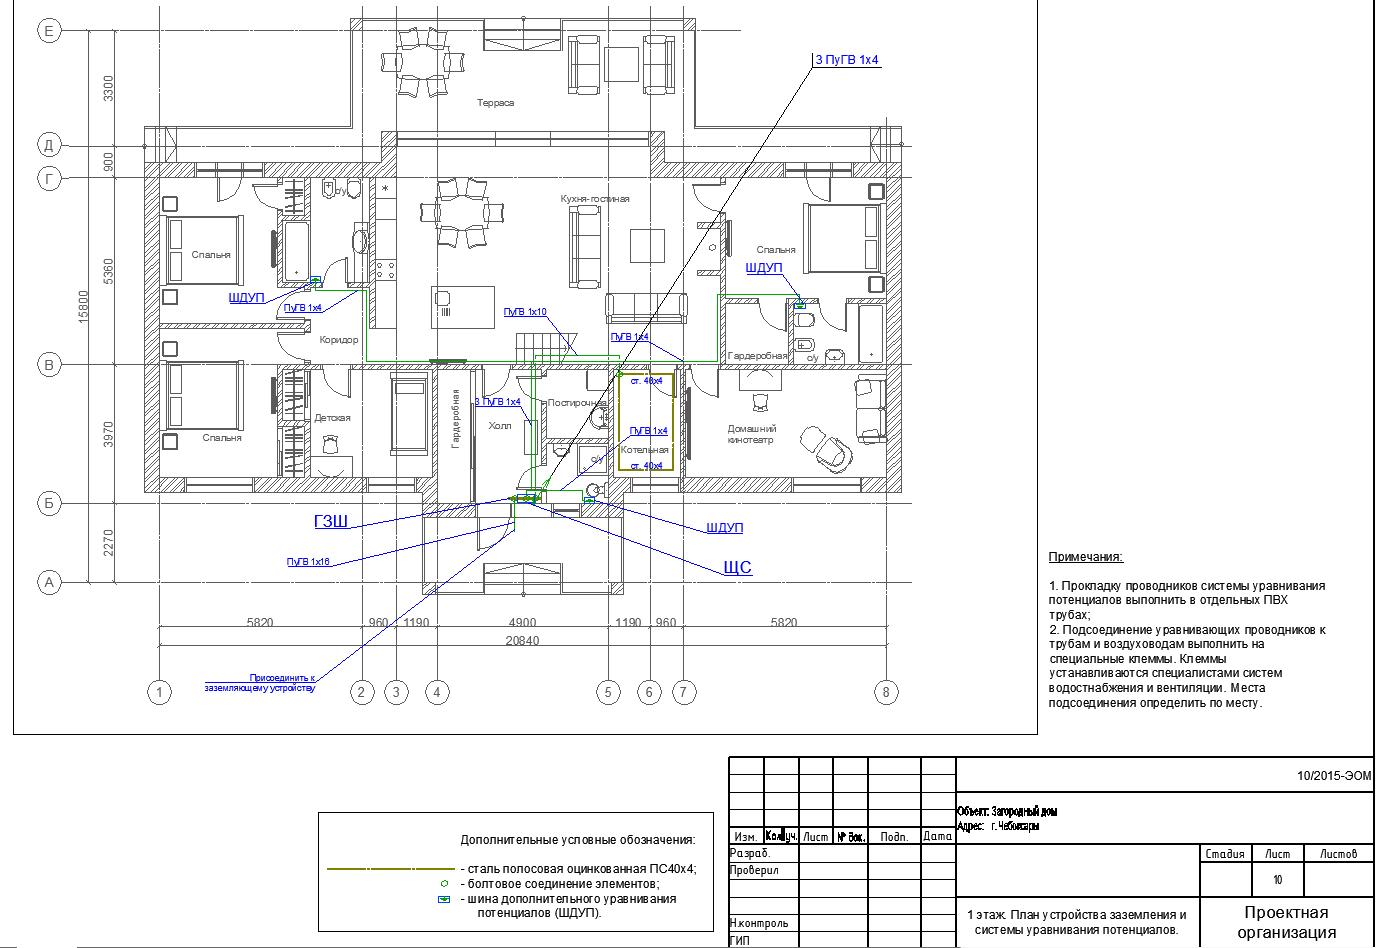 проектирование внутренних электрических сетей в autocad видеокурс торрент